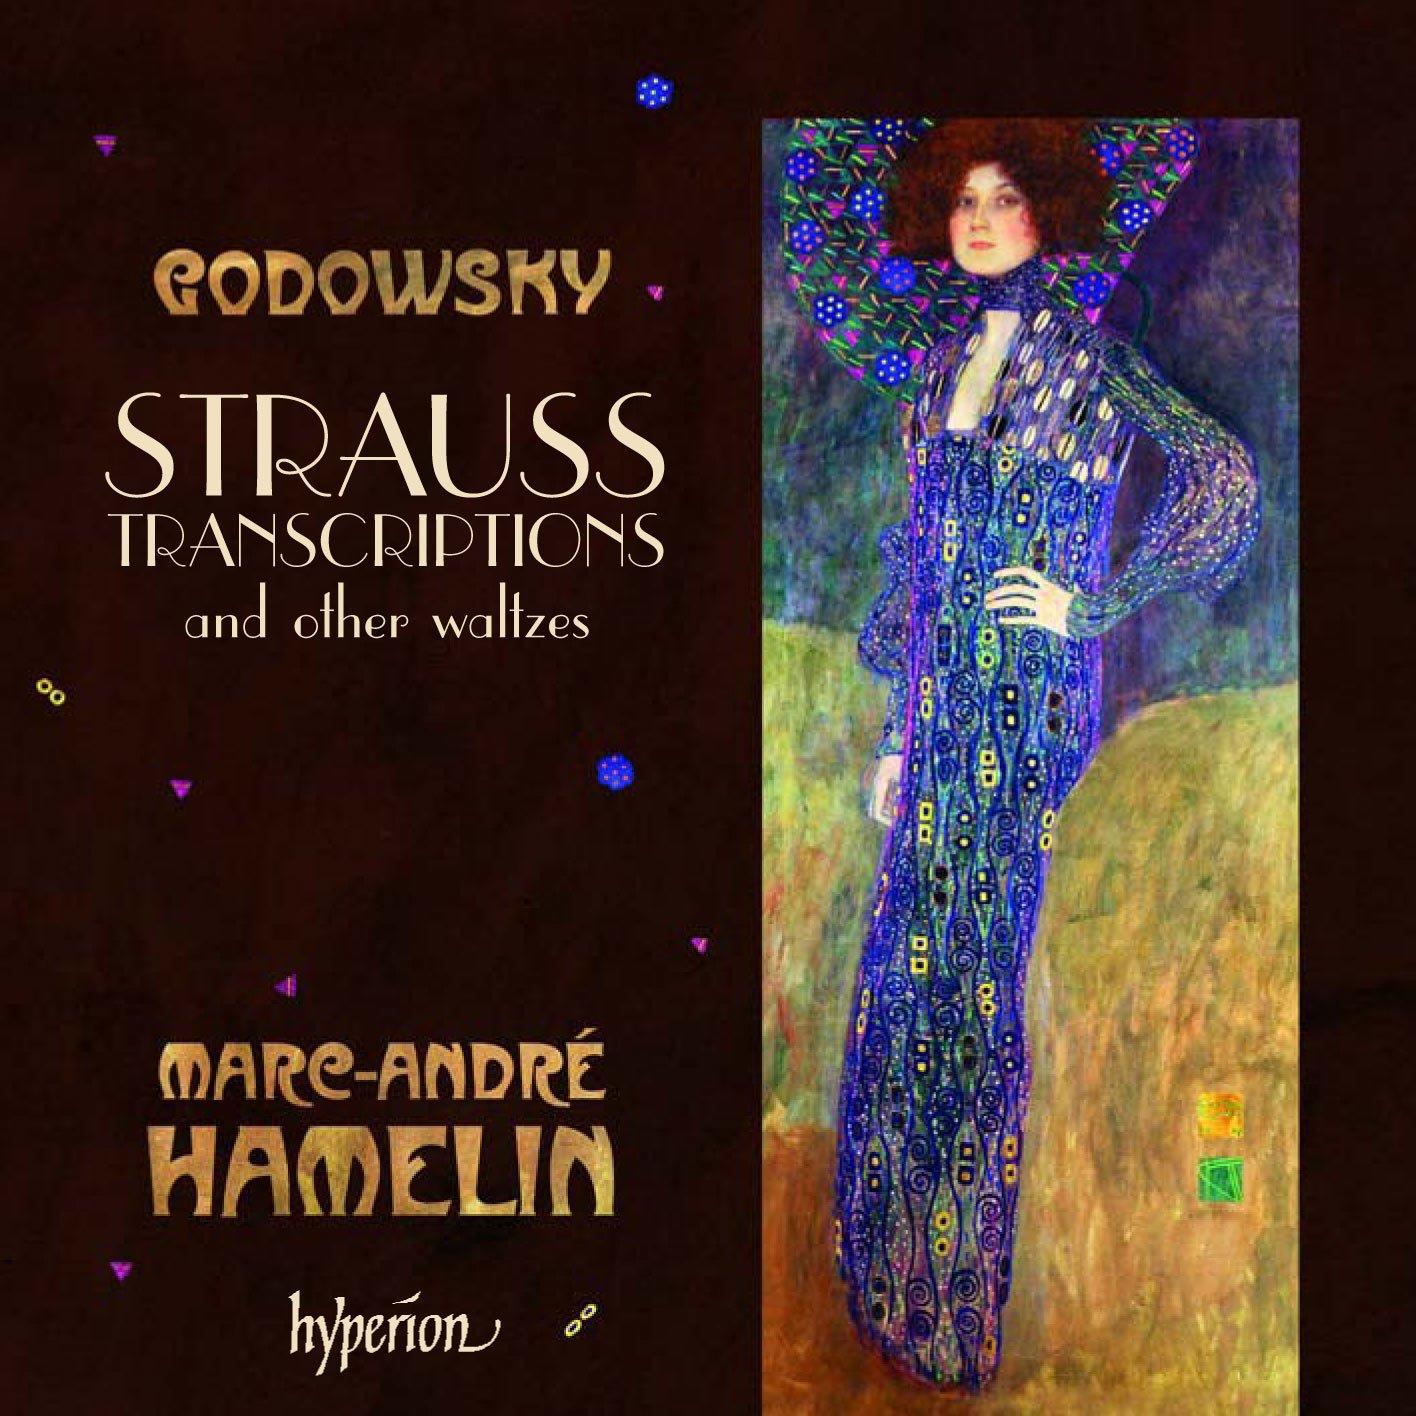 Godowsky: Strauss Transcriptions & other waltzes